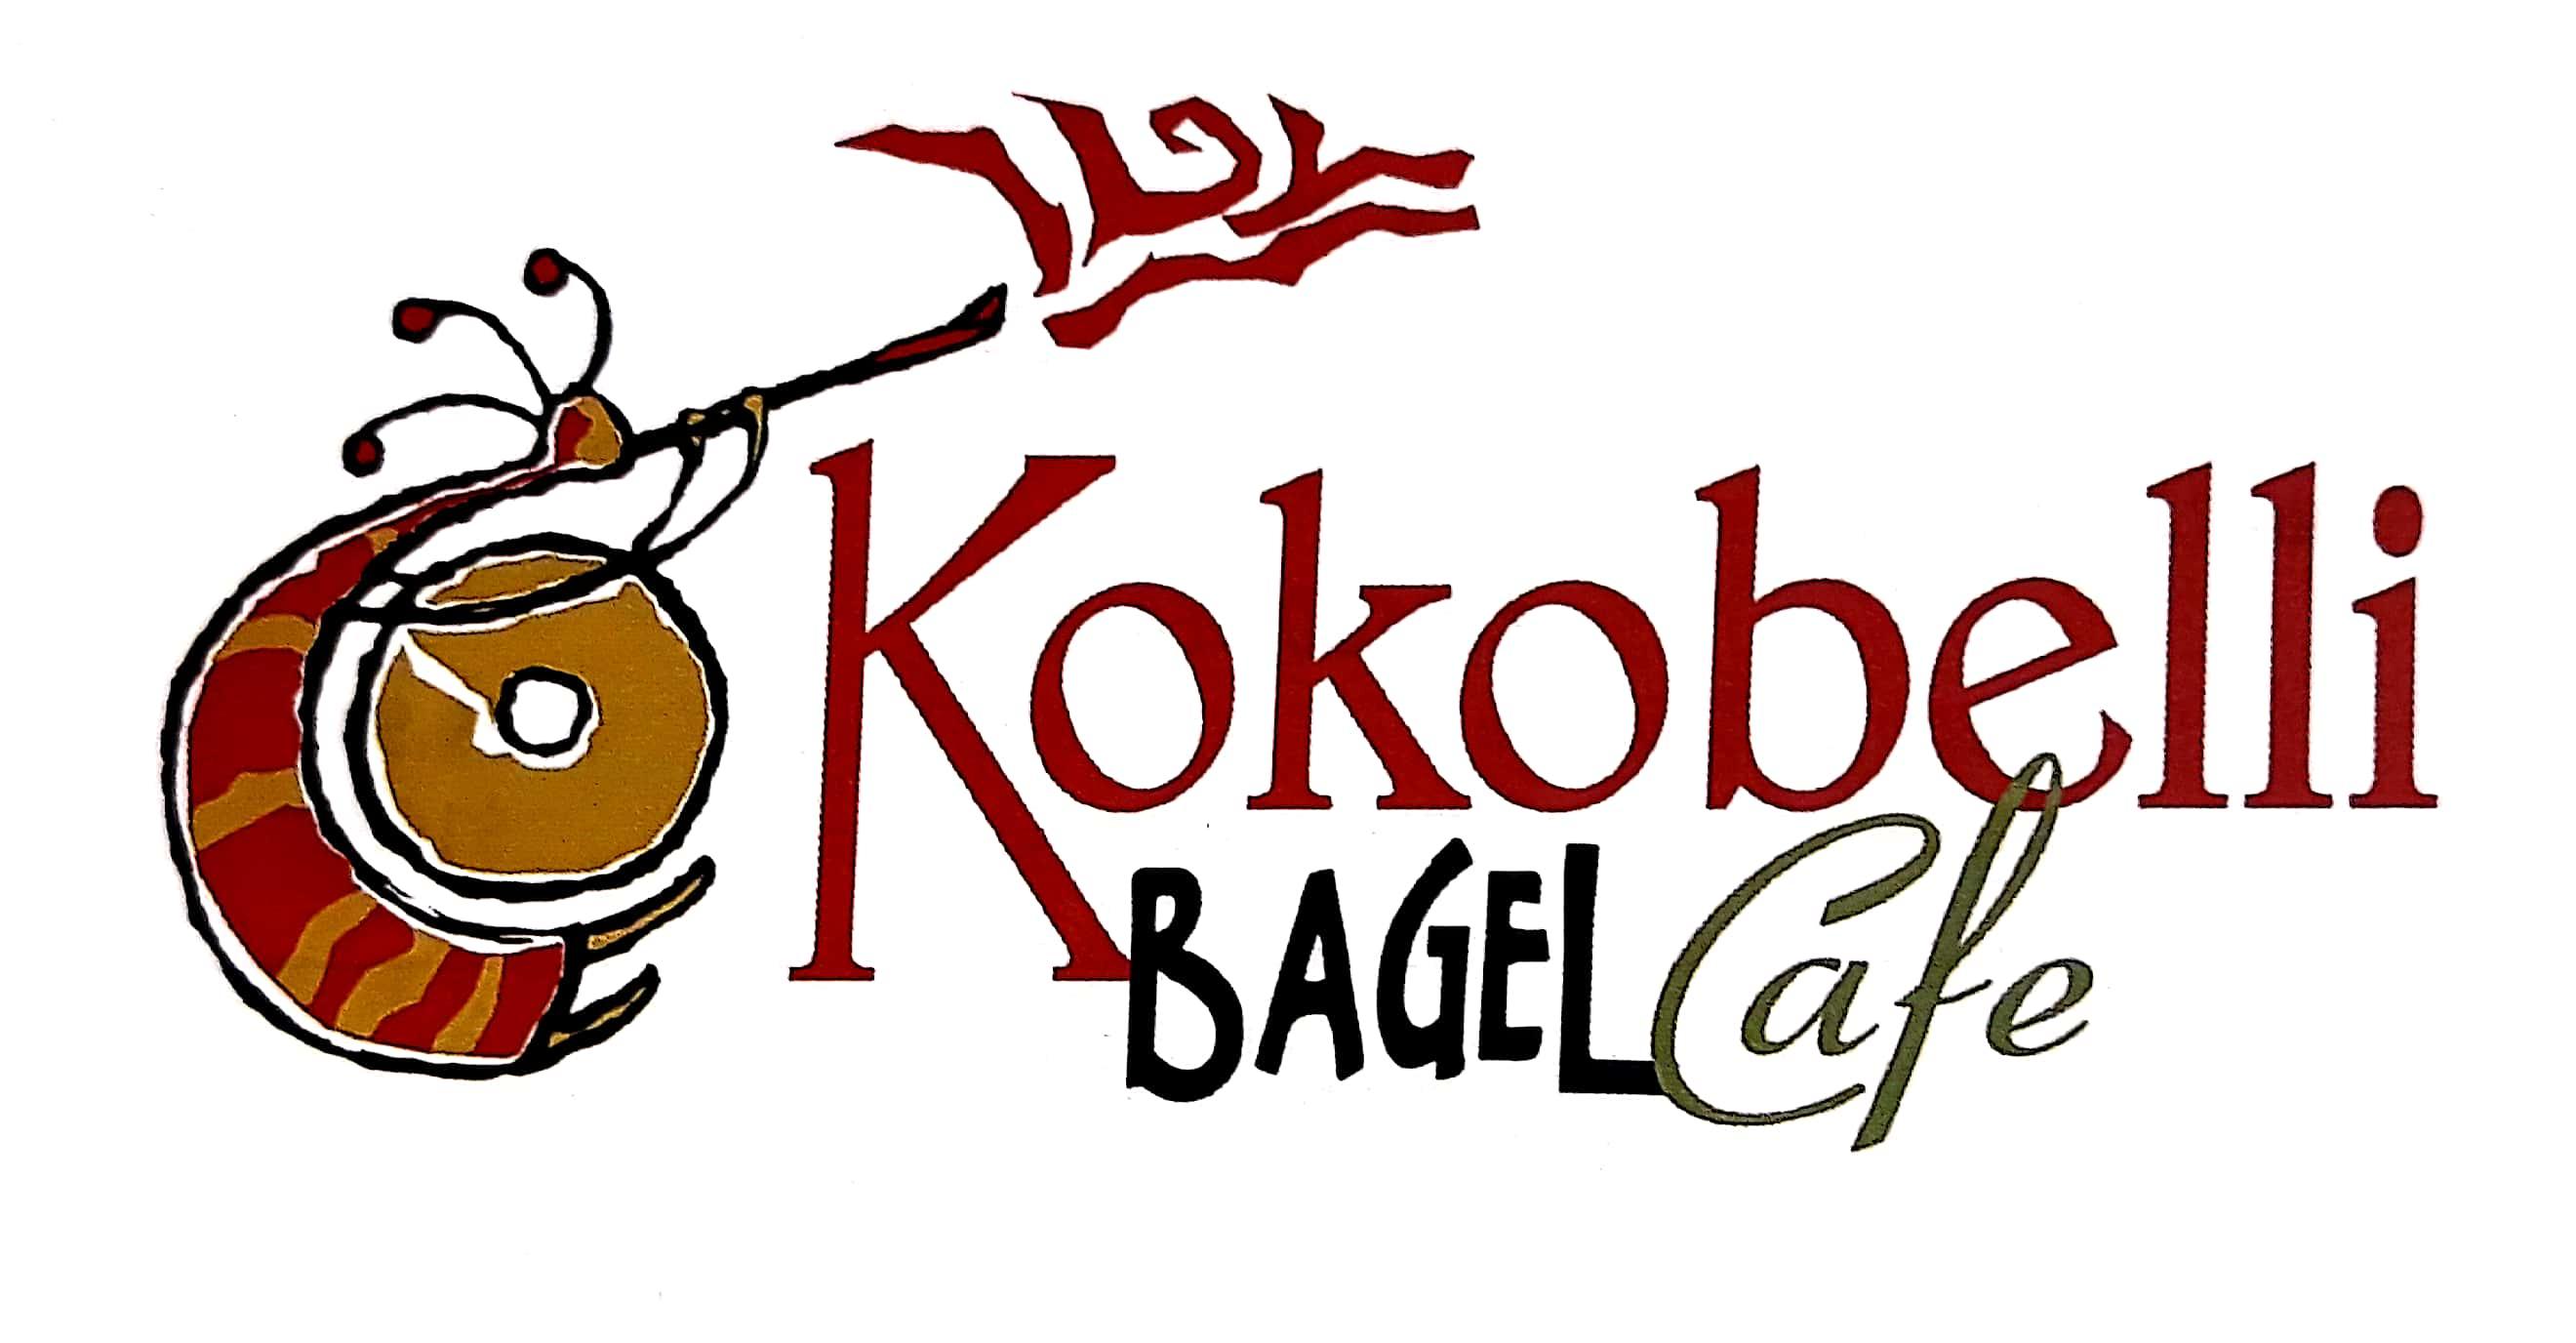 Kokobelli Bagel Cafe